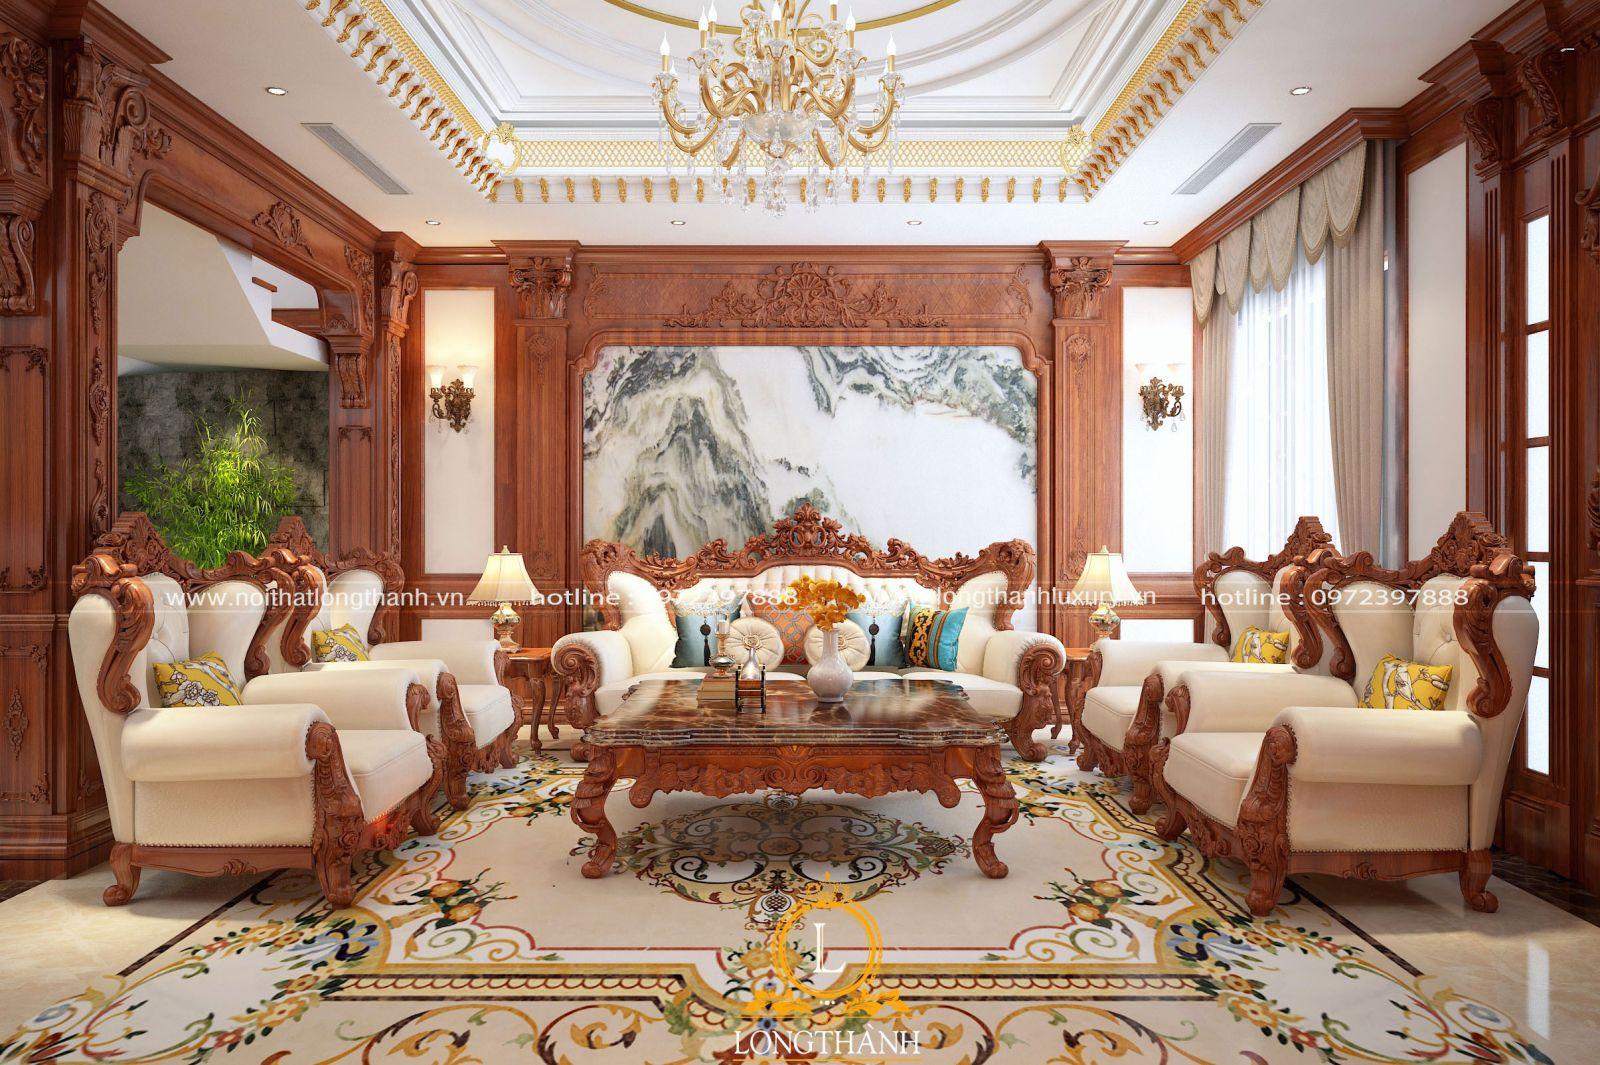 Xác định kích thước sofa phù hợp với không gian ngôi nhà